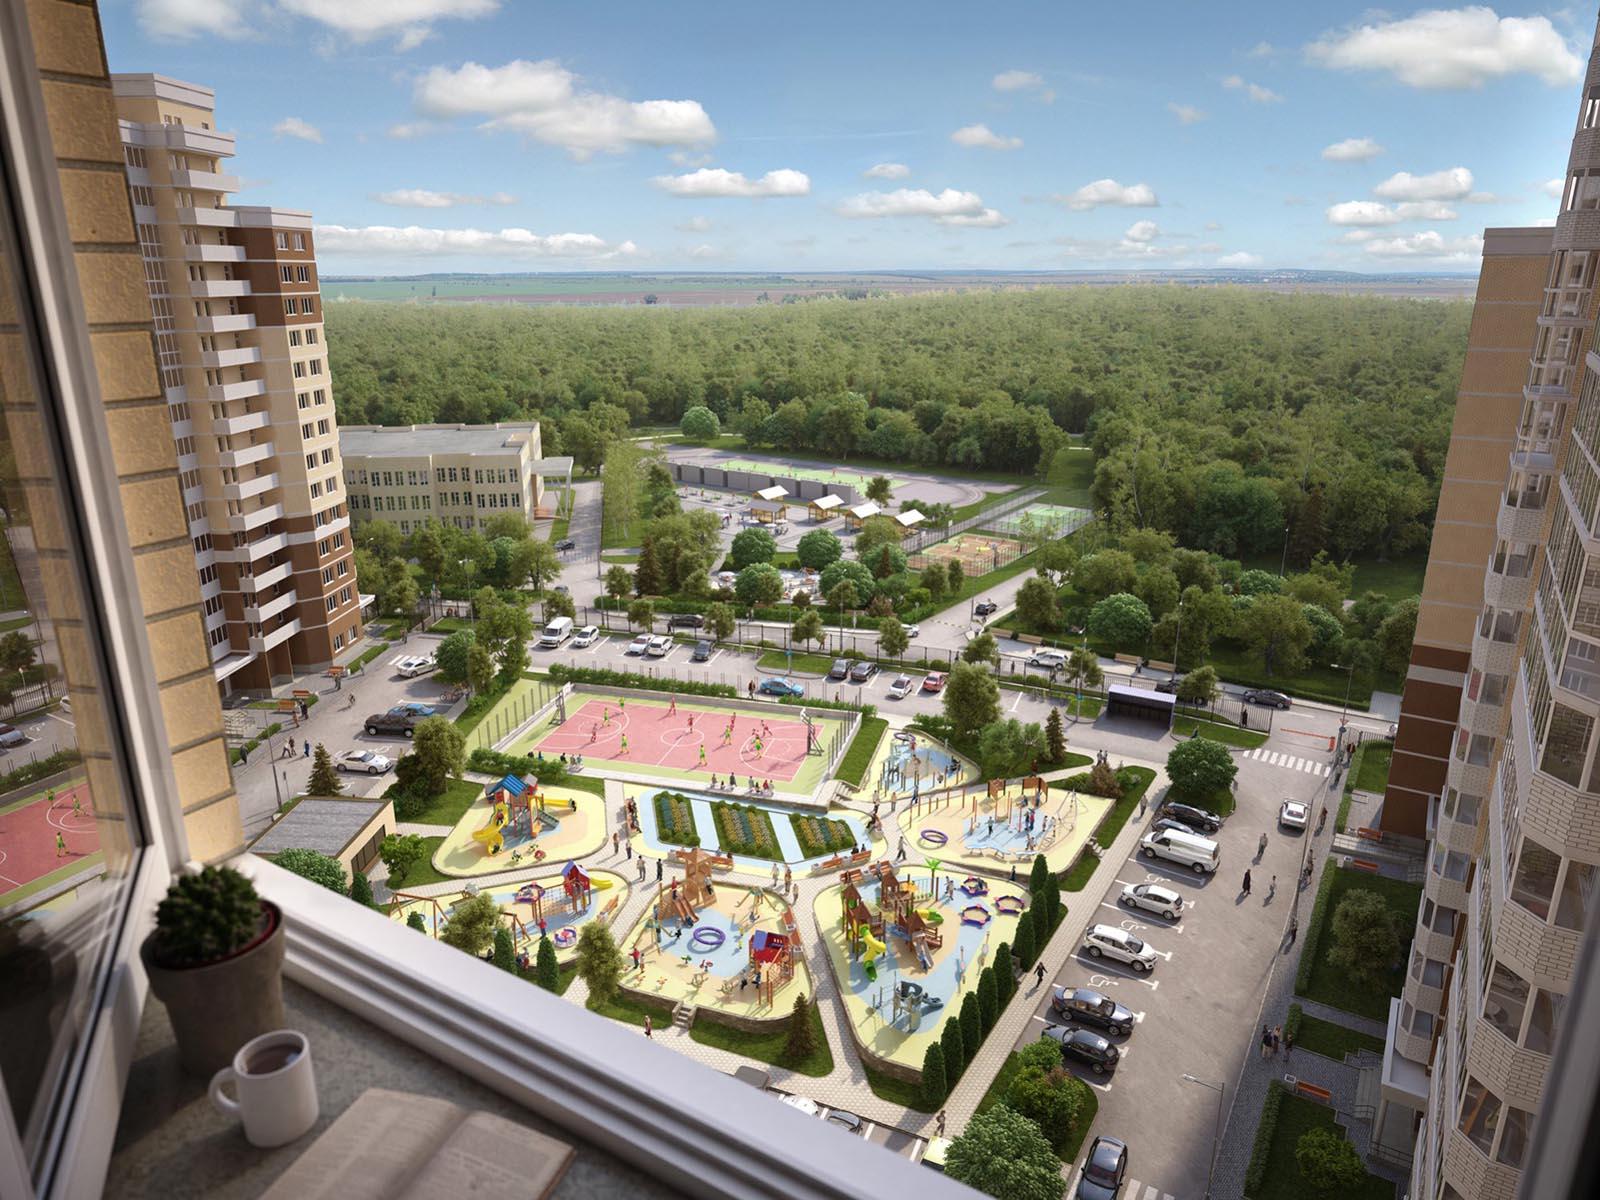 В жилом микрорайоне «Одинбург» получены первые свидетельства о праве собственности на квартиры